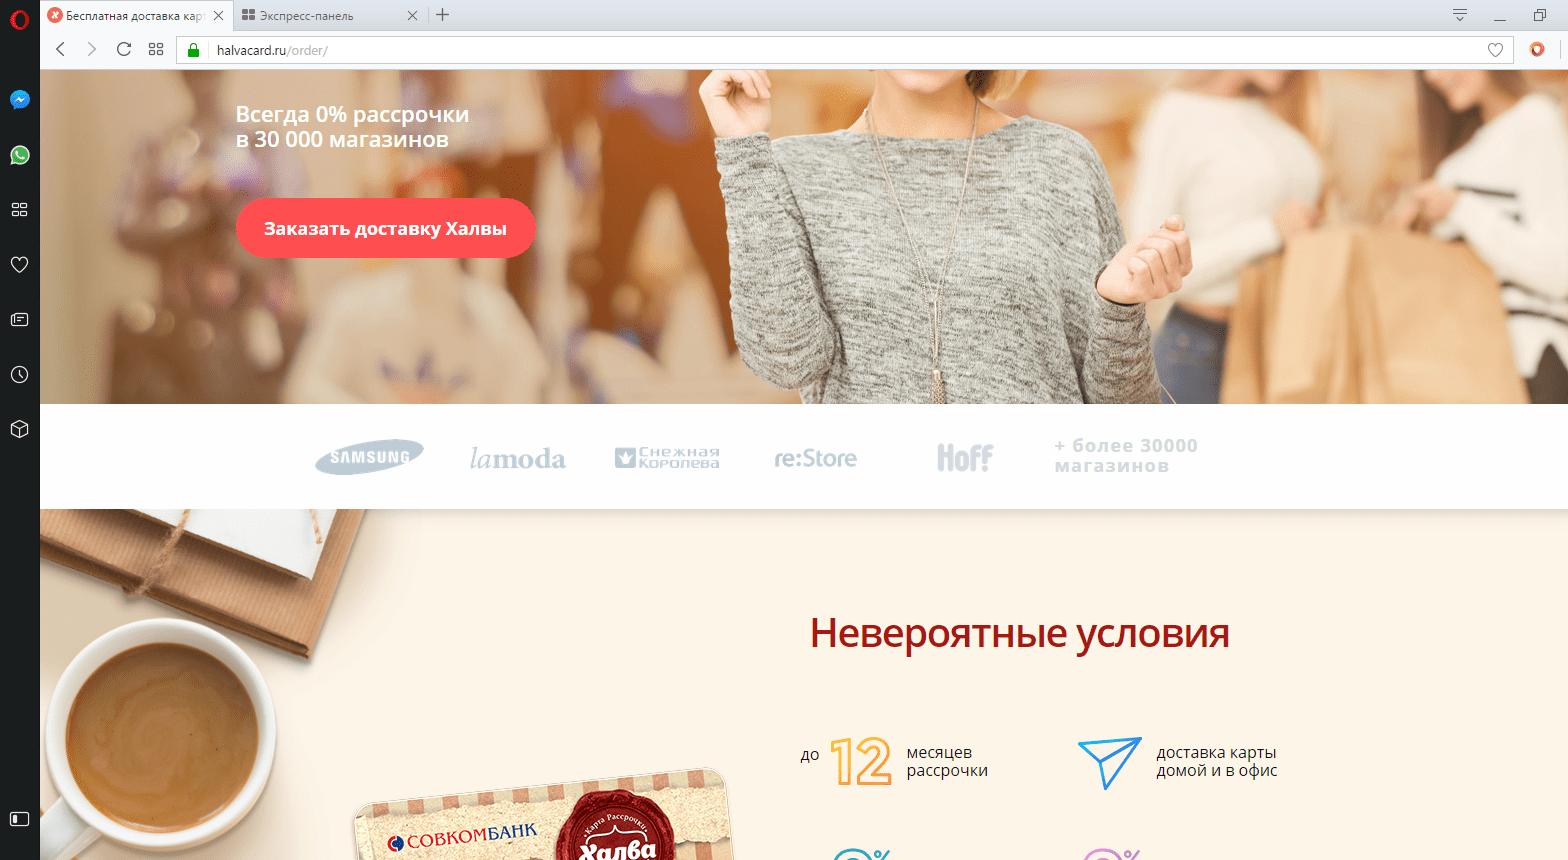 Как получить карту Халва Совкомбанка на сайте и найти кнопку заявки